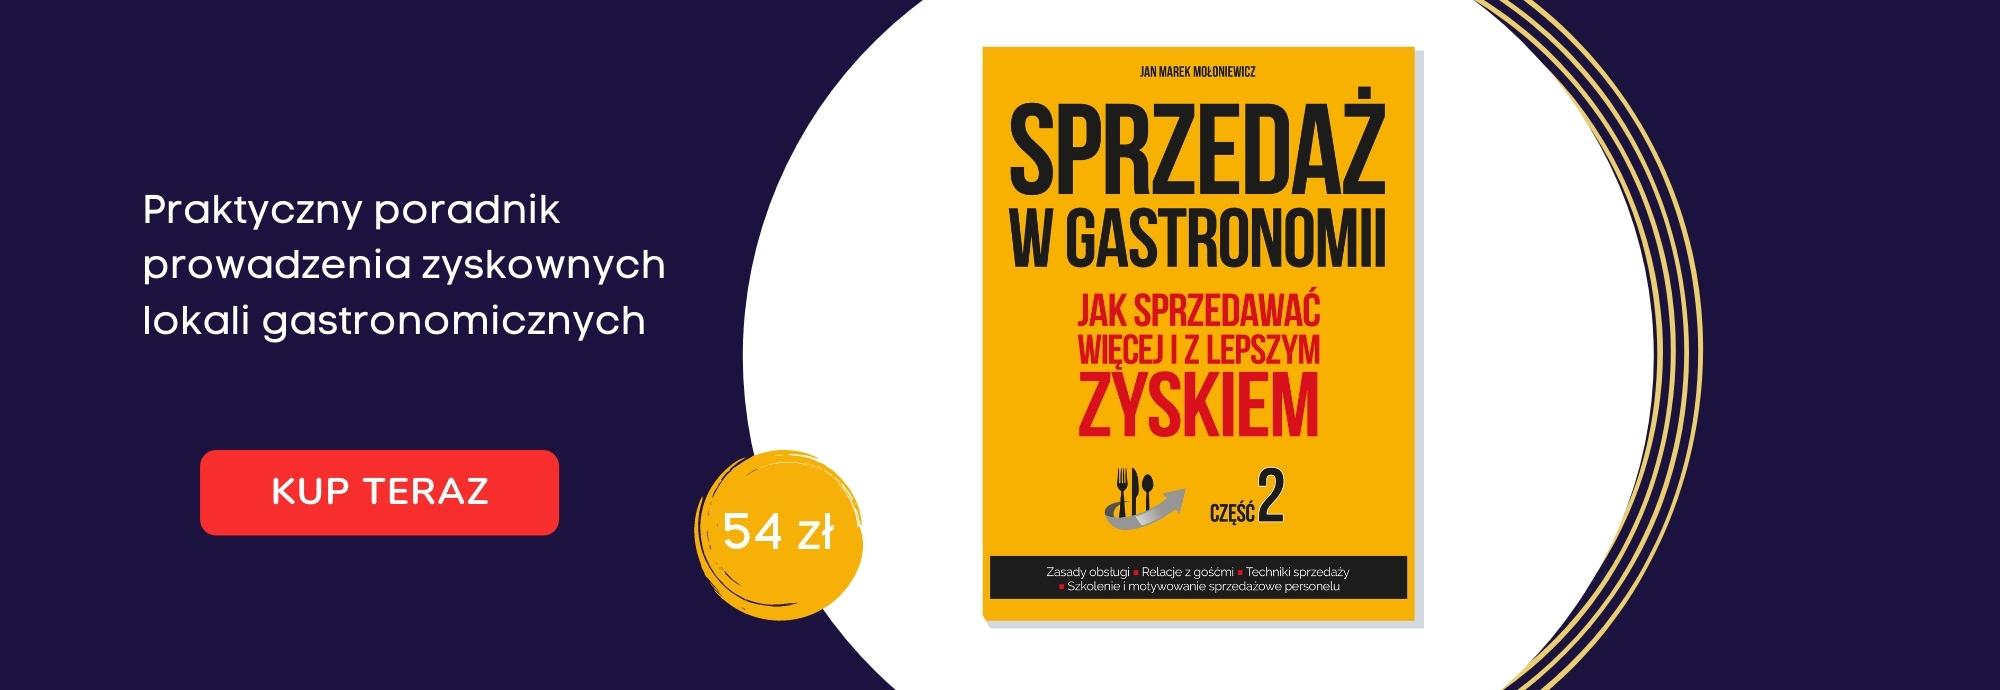 okładka-sprzedaż-w-gastronomii-cz-2